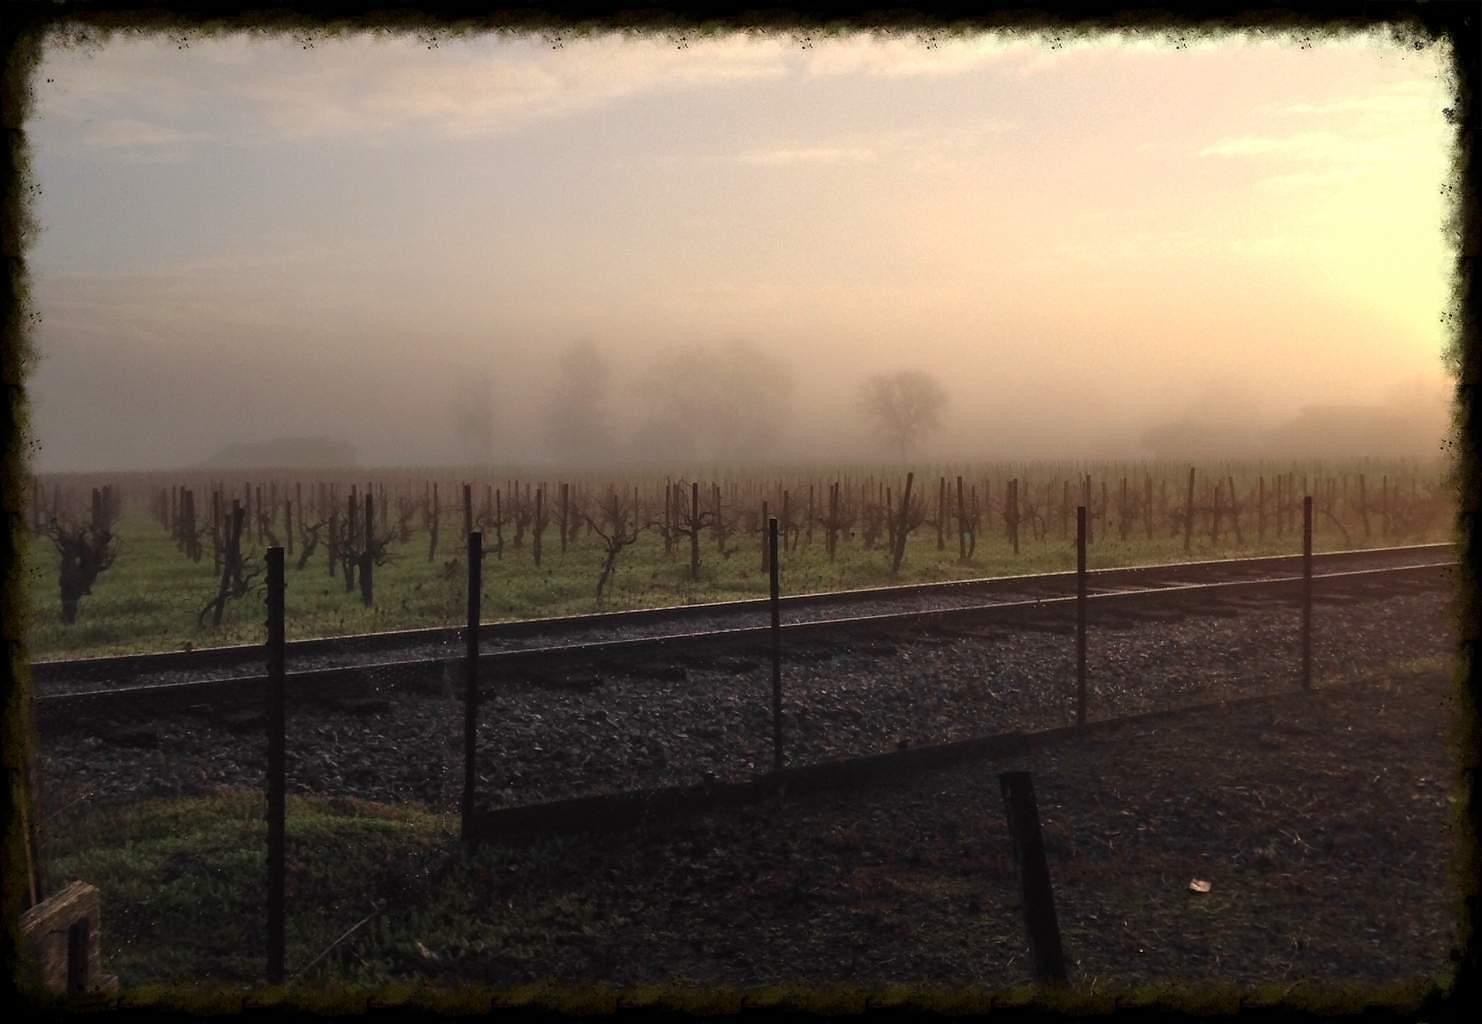 Vineyard in the Mist